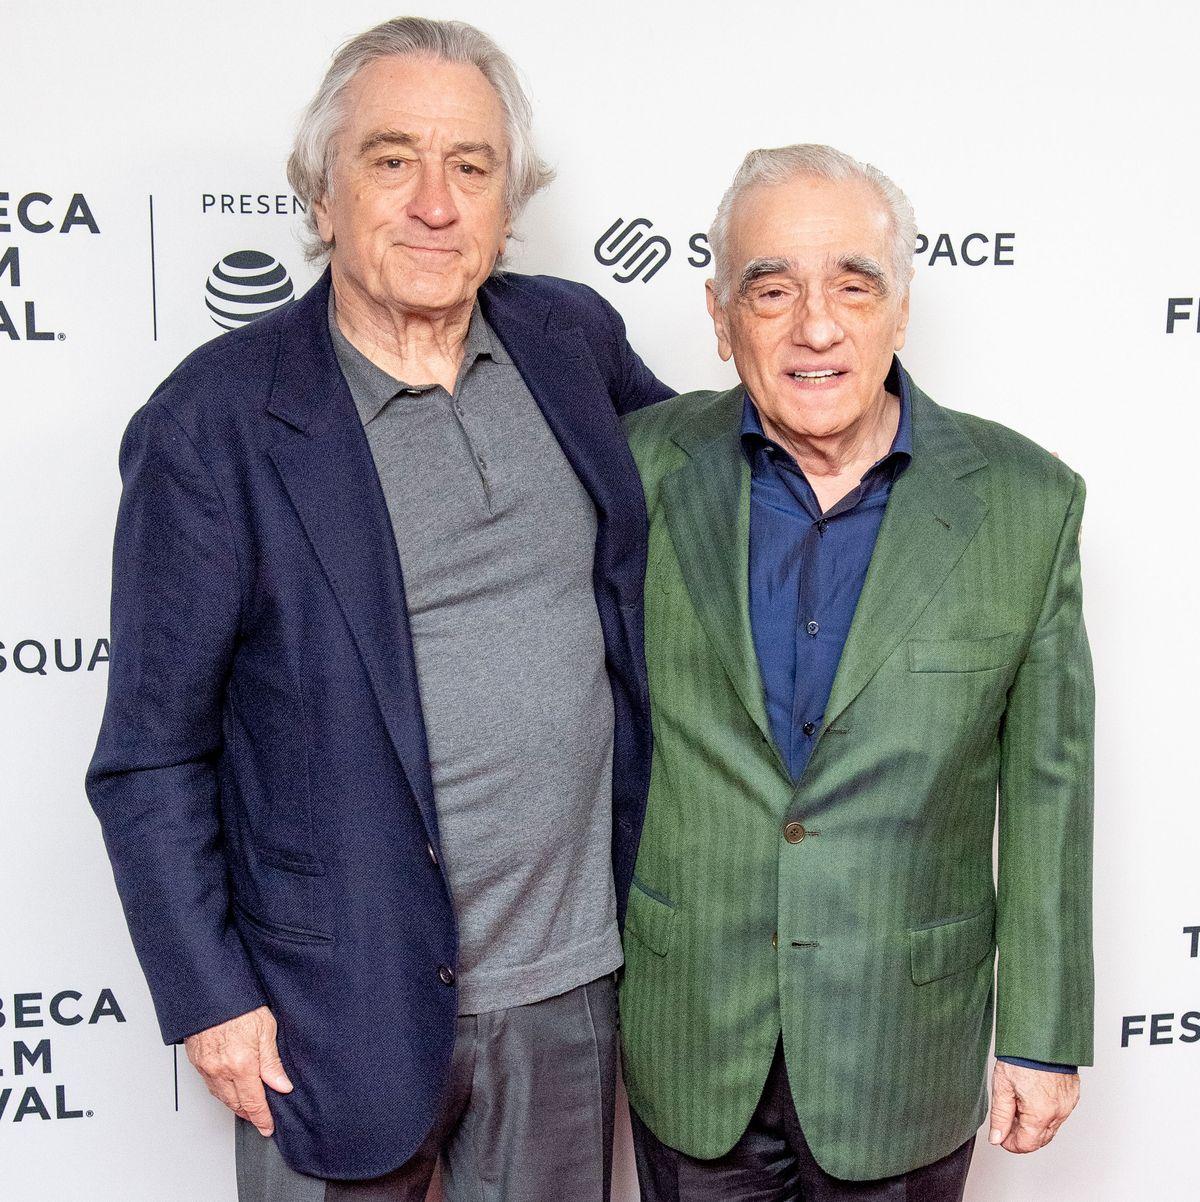 Robert De Niro Wanted To Do Raging Bull As A One Man Show